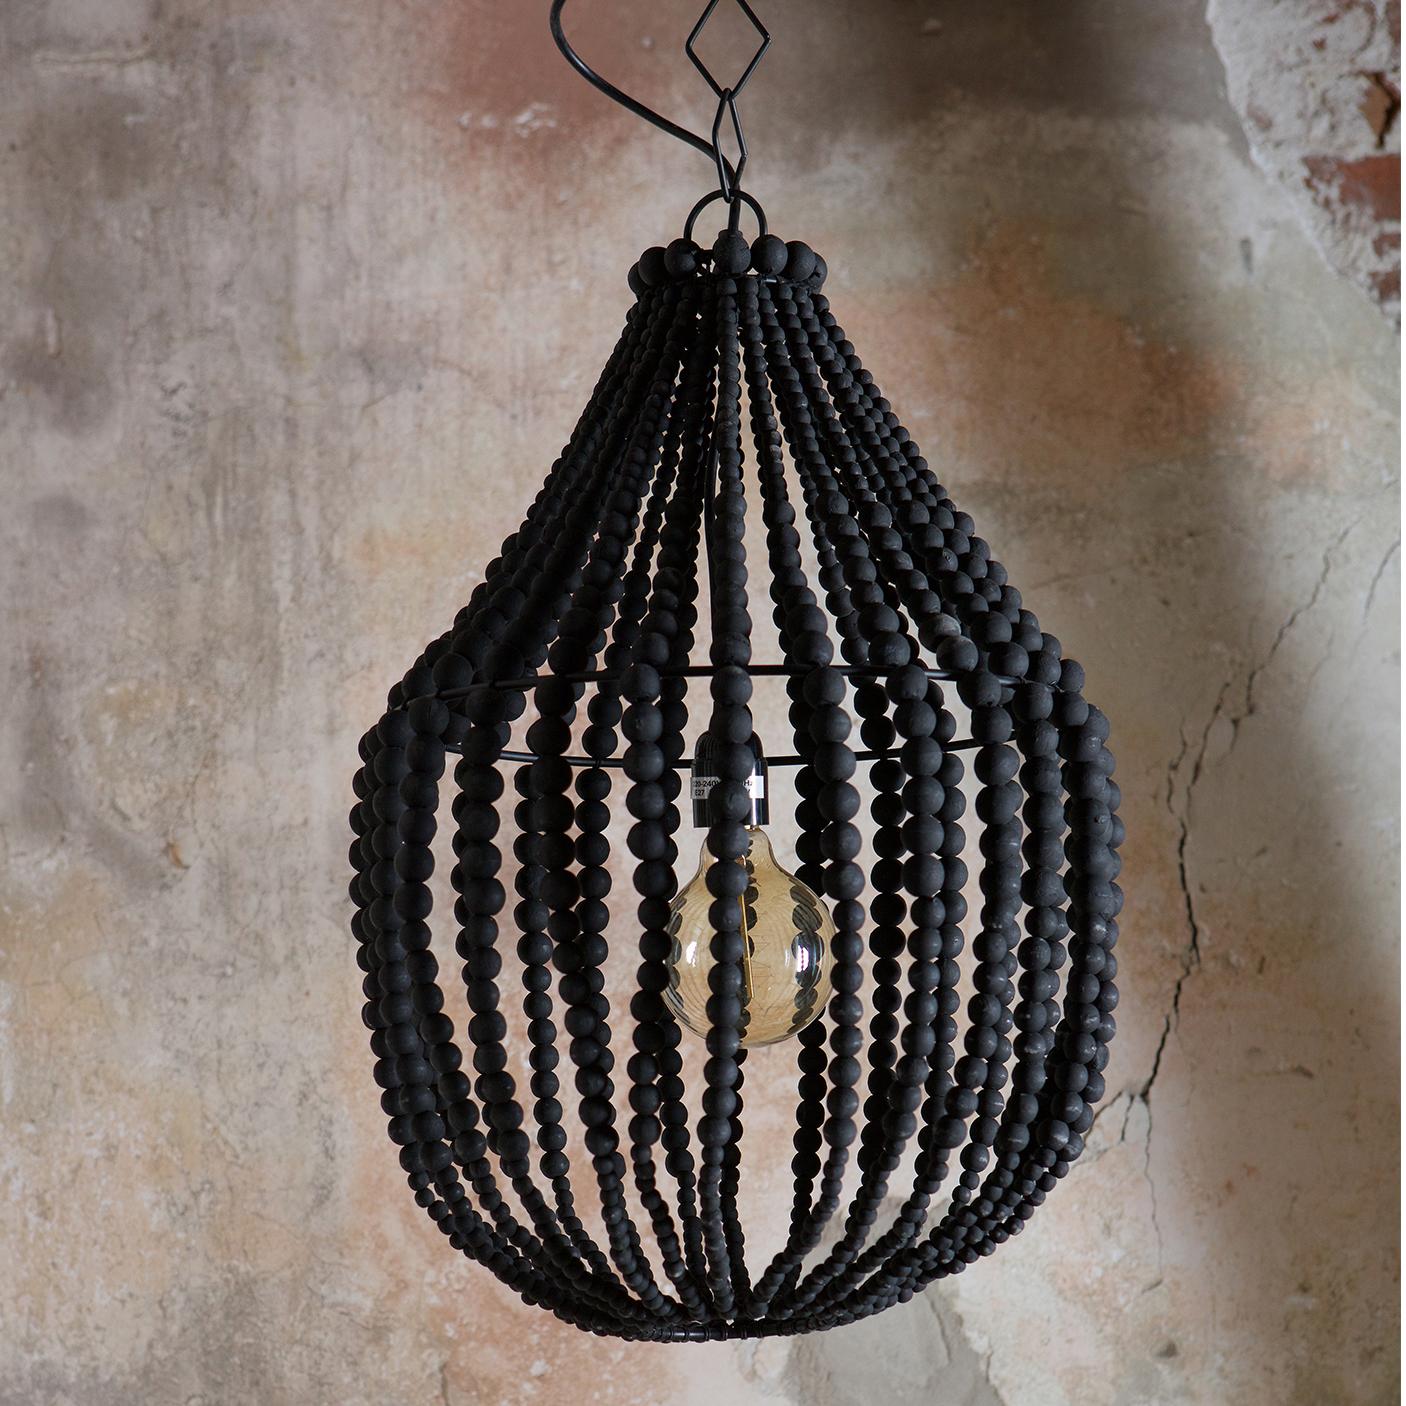 BePureHome Kroonluchter 'Funale' met houten kralen, kleur Naturel Verlichting | Hanglampen kopen